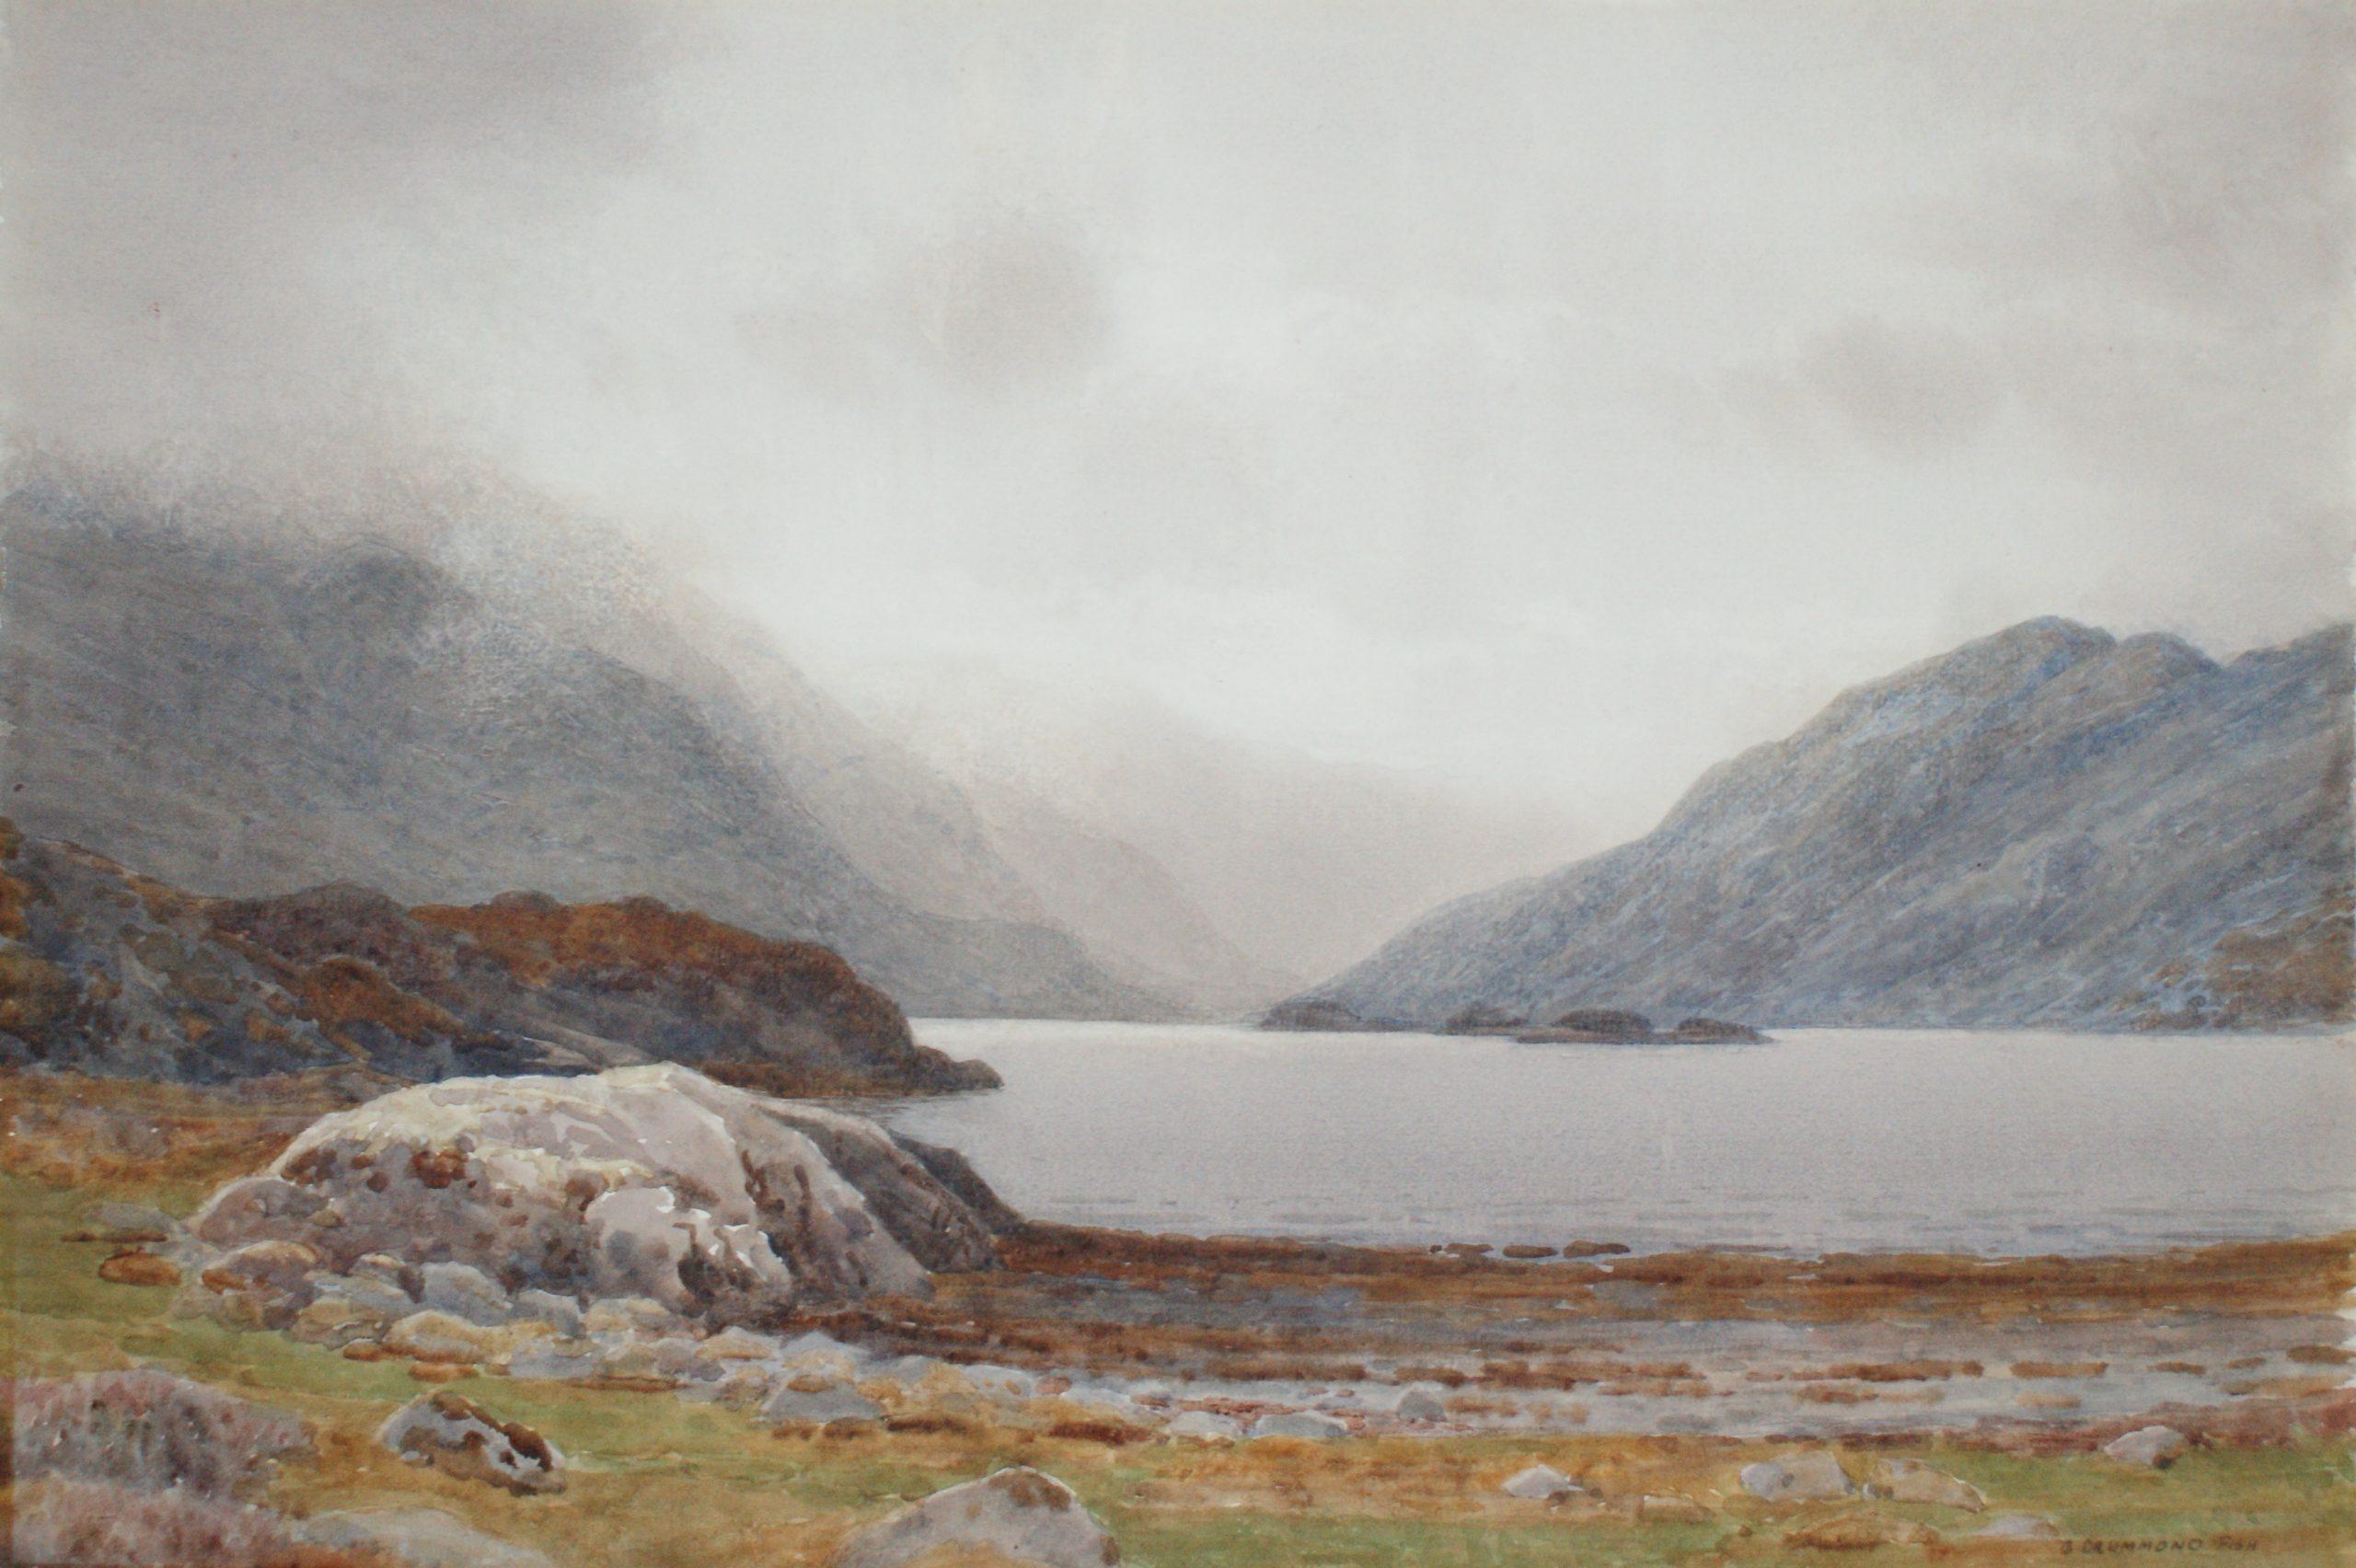 drummond fish - Loch Ailort